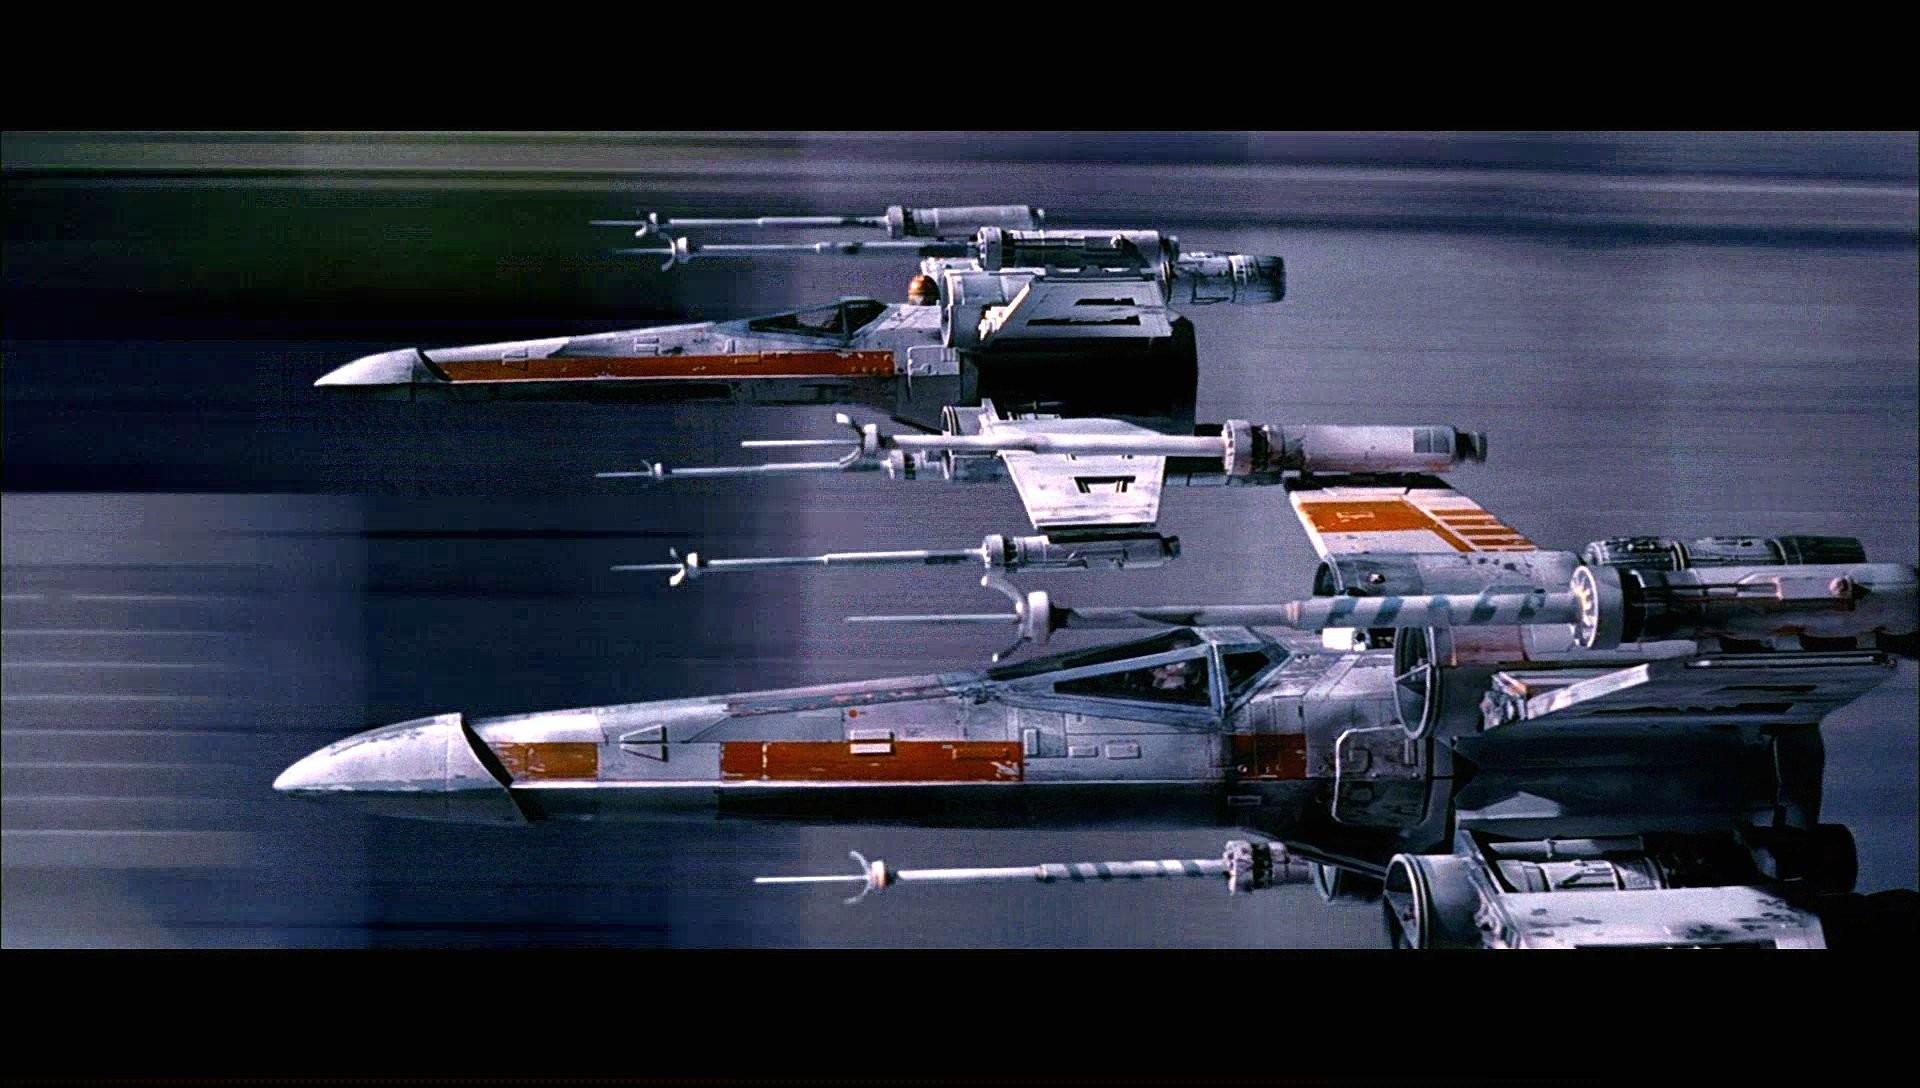 STAR WARS X -WING spaceship futuristic space sci-fi xwing .